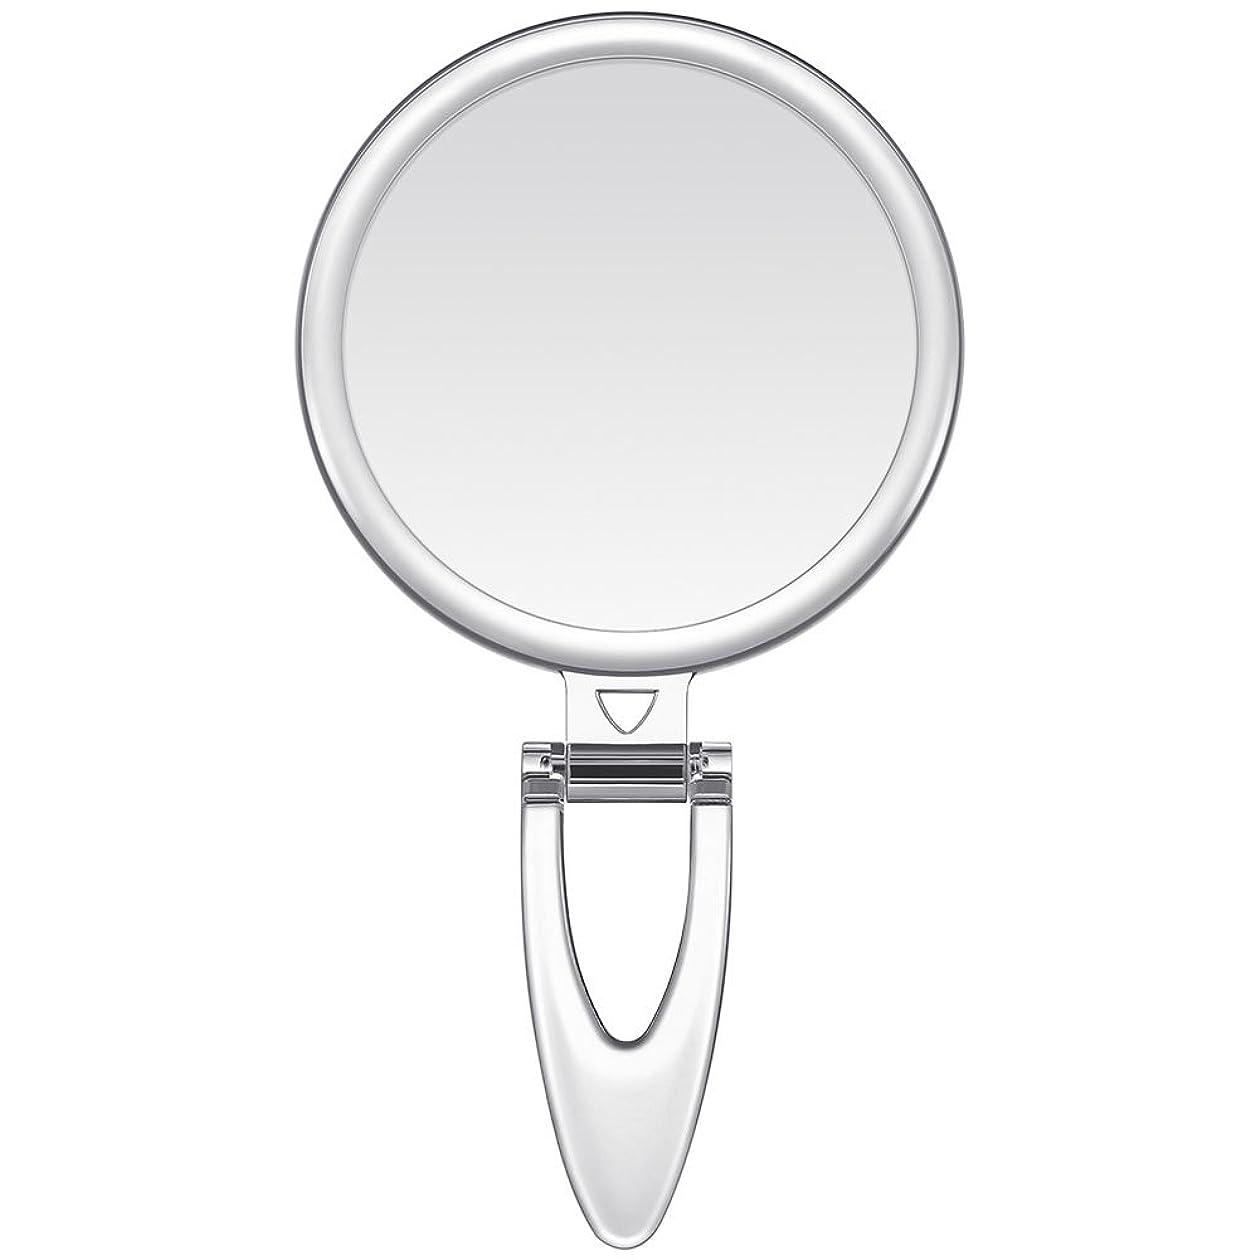 批判するなかなか追うLavany 手鏡 鏡 拡大鏡 両面コンパクトミラー 化粧鏡 10倍鏡付き 手持ち スタンド 壁掛け仕様 (S(3.2インチ))